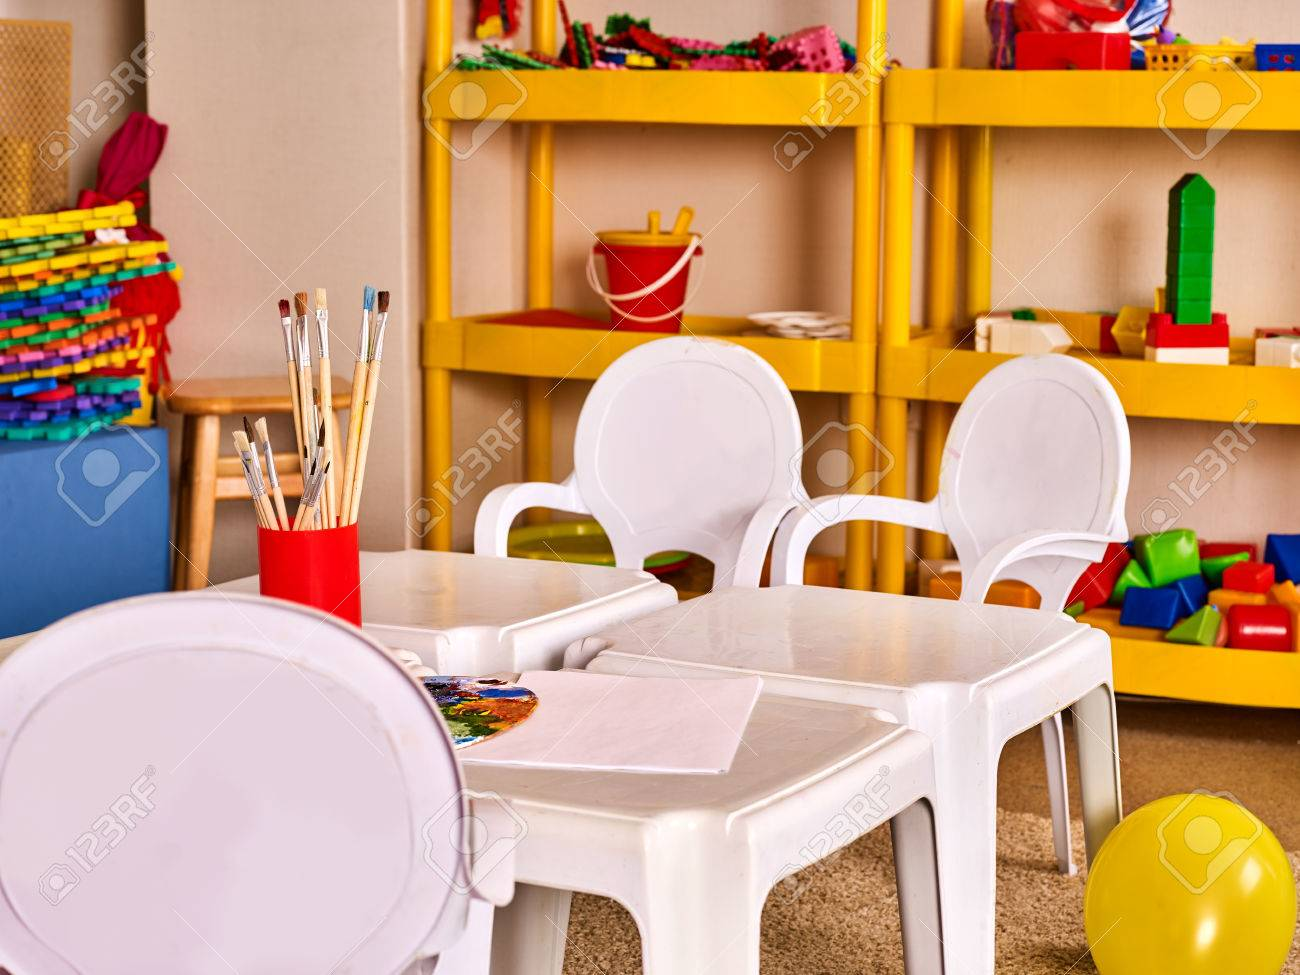 Tables de jardin d\'enfants et des chaises dans des étagères de décoration  d\'intérieur pour les jouets. classe préscolaire les enfants en attente. ...